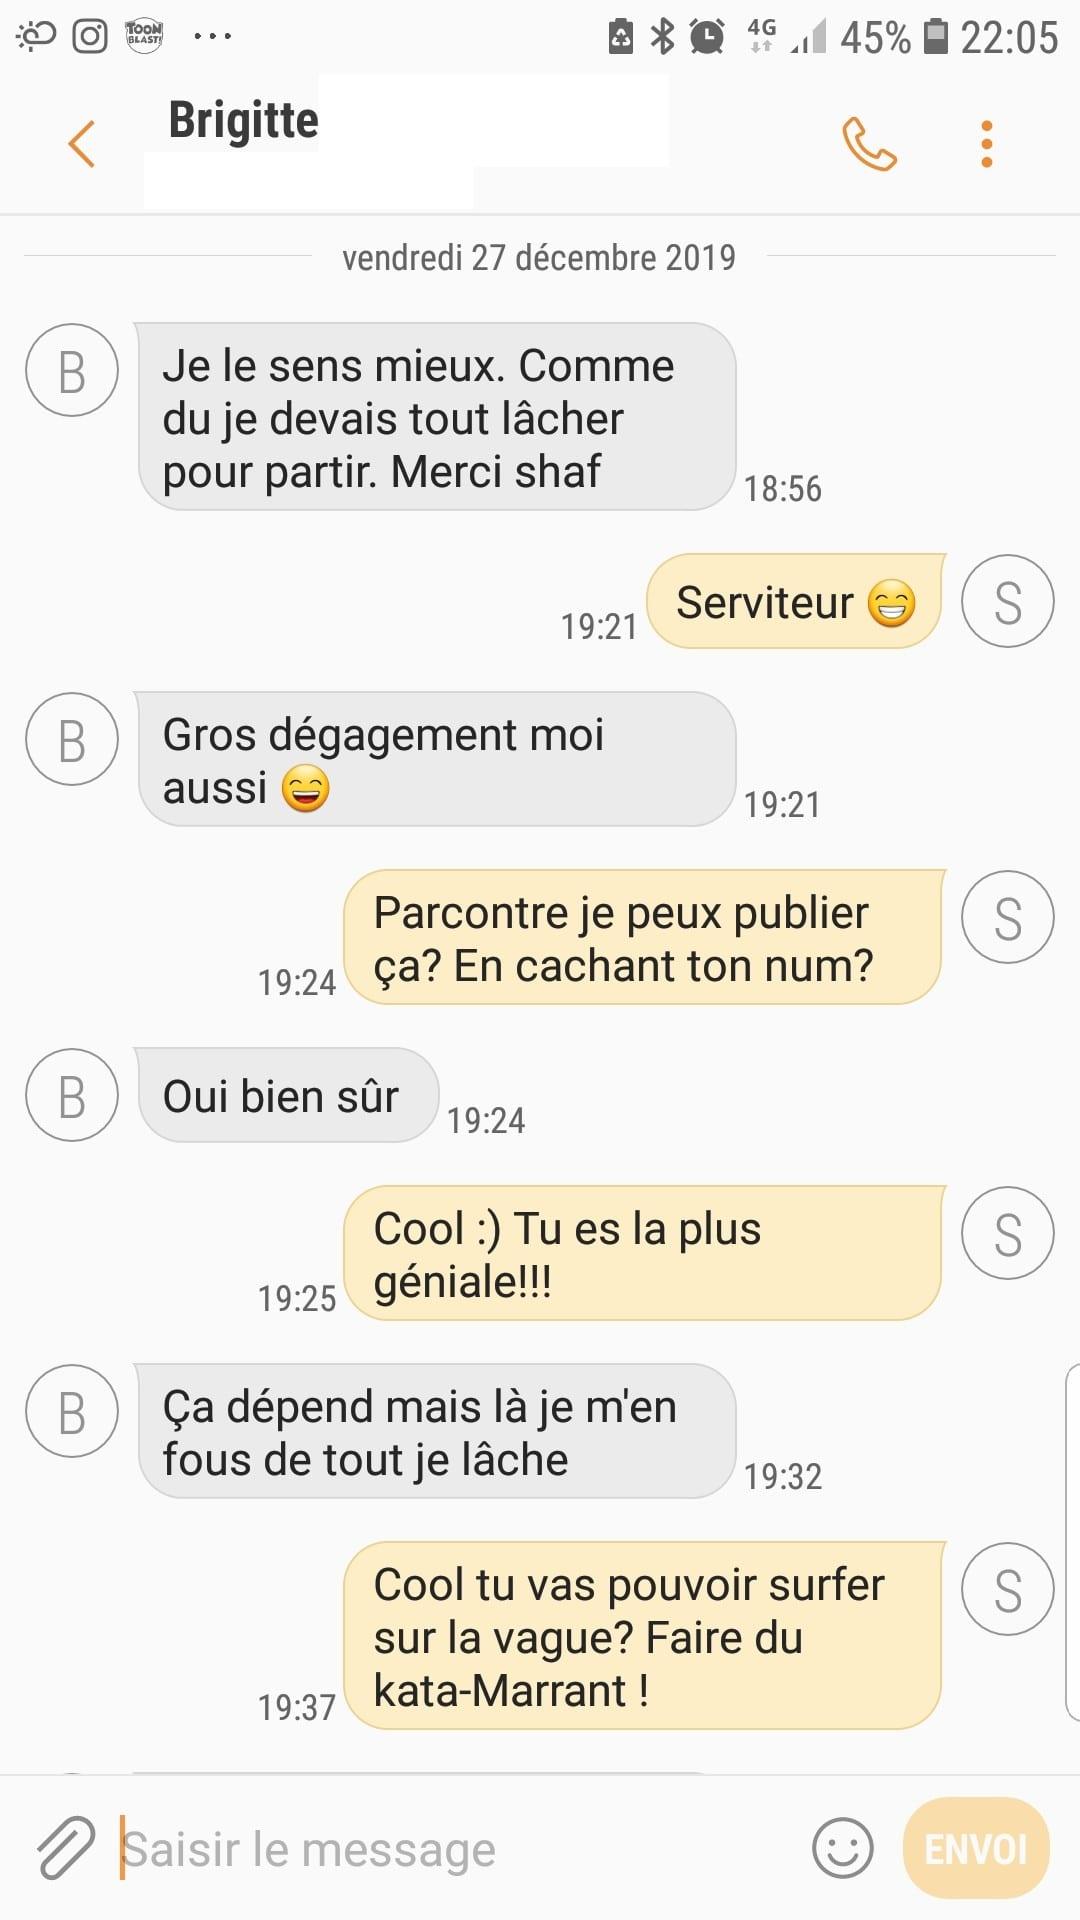 Avis Brigitte Bourg-La-Reine - Tout lacher et partir a l aventure- scr- shaff hypnose bourg-la-reine